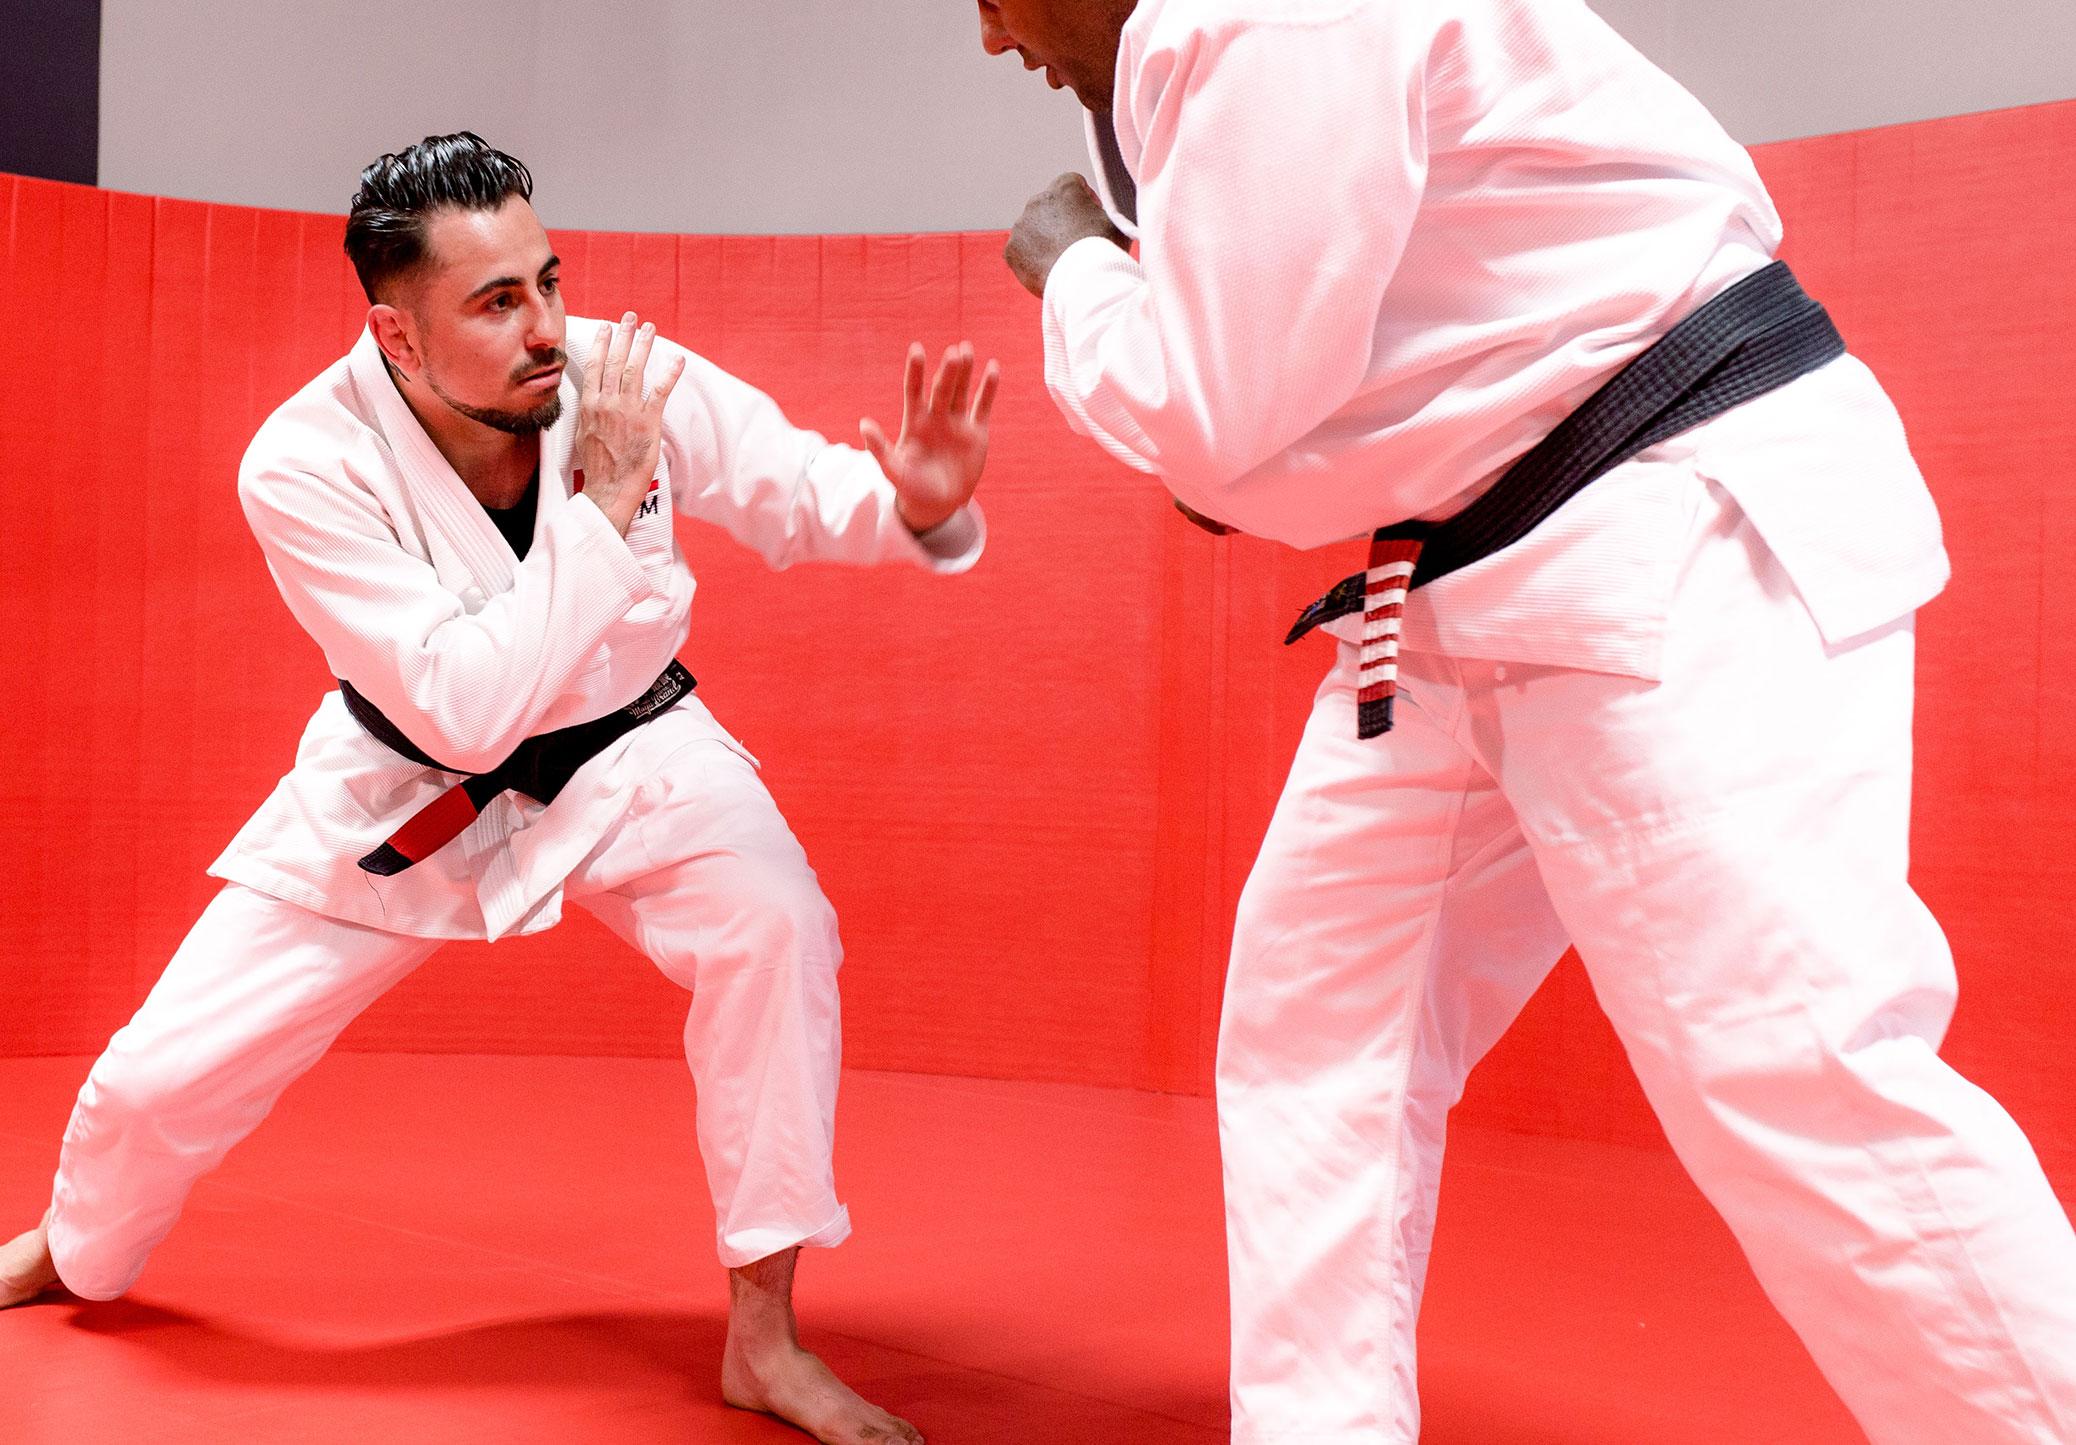 Members in a brazilian jiu-jitsu match